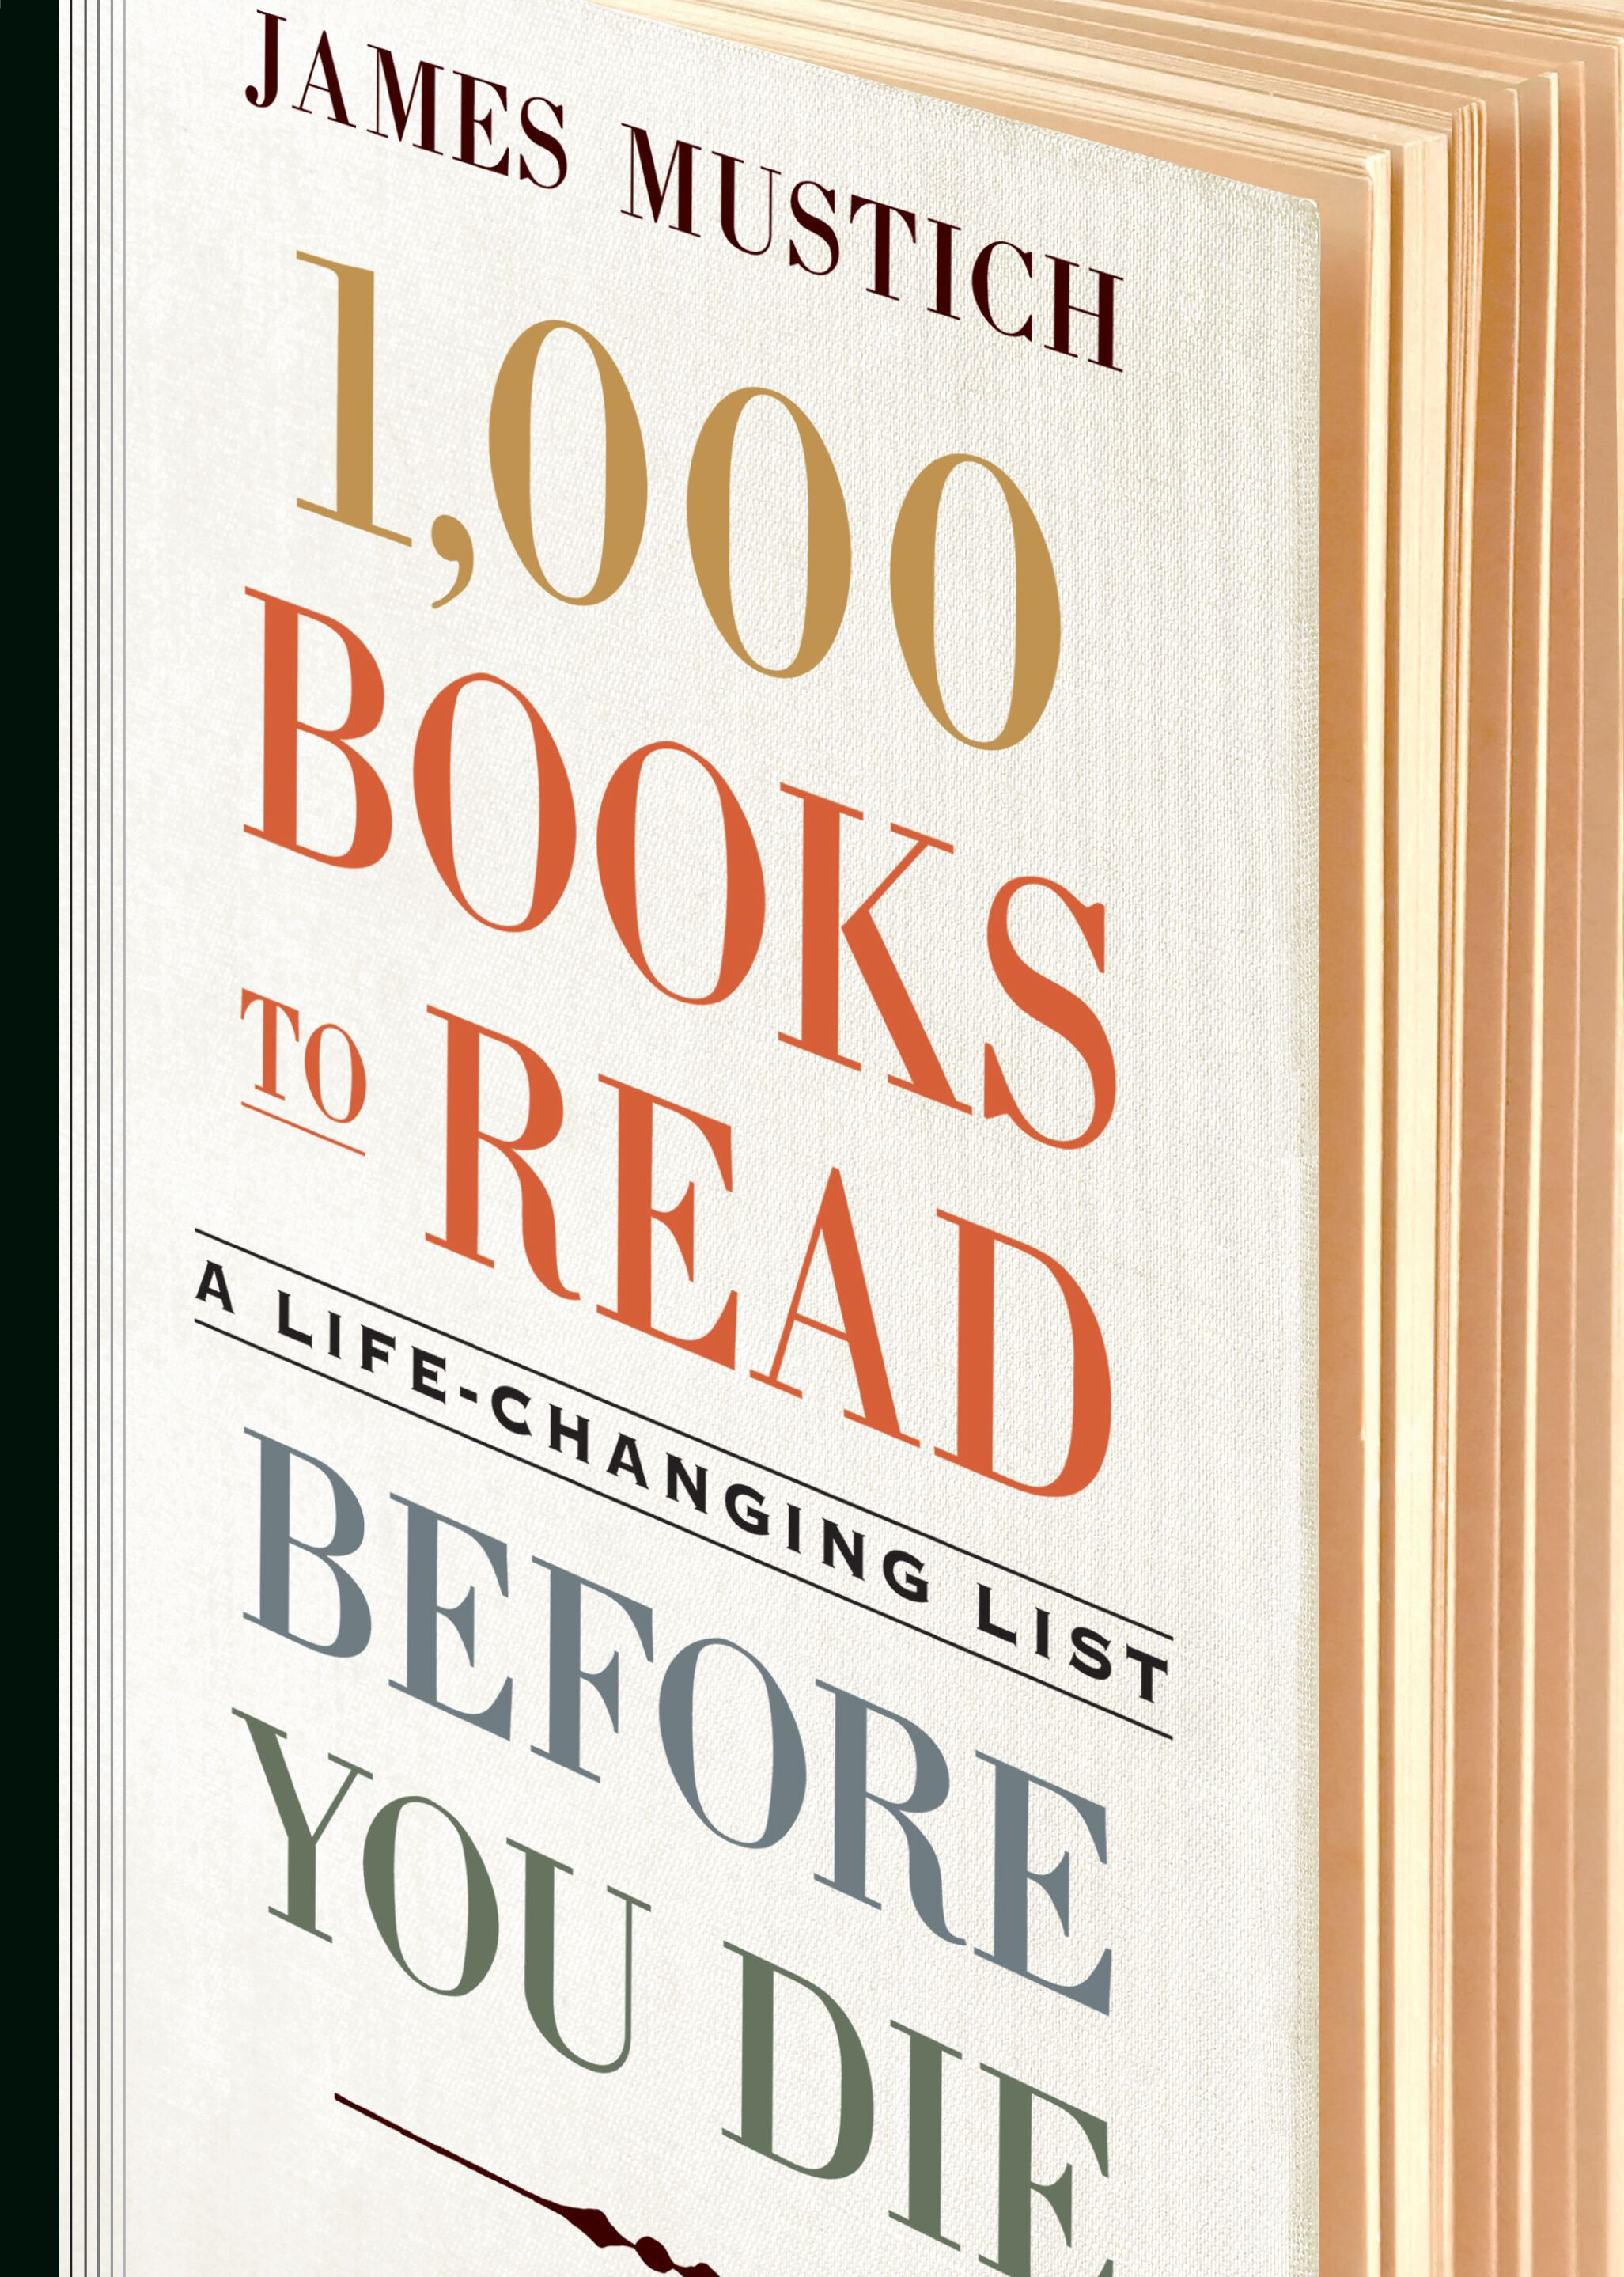 1000books.jpg